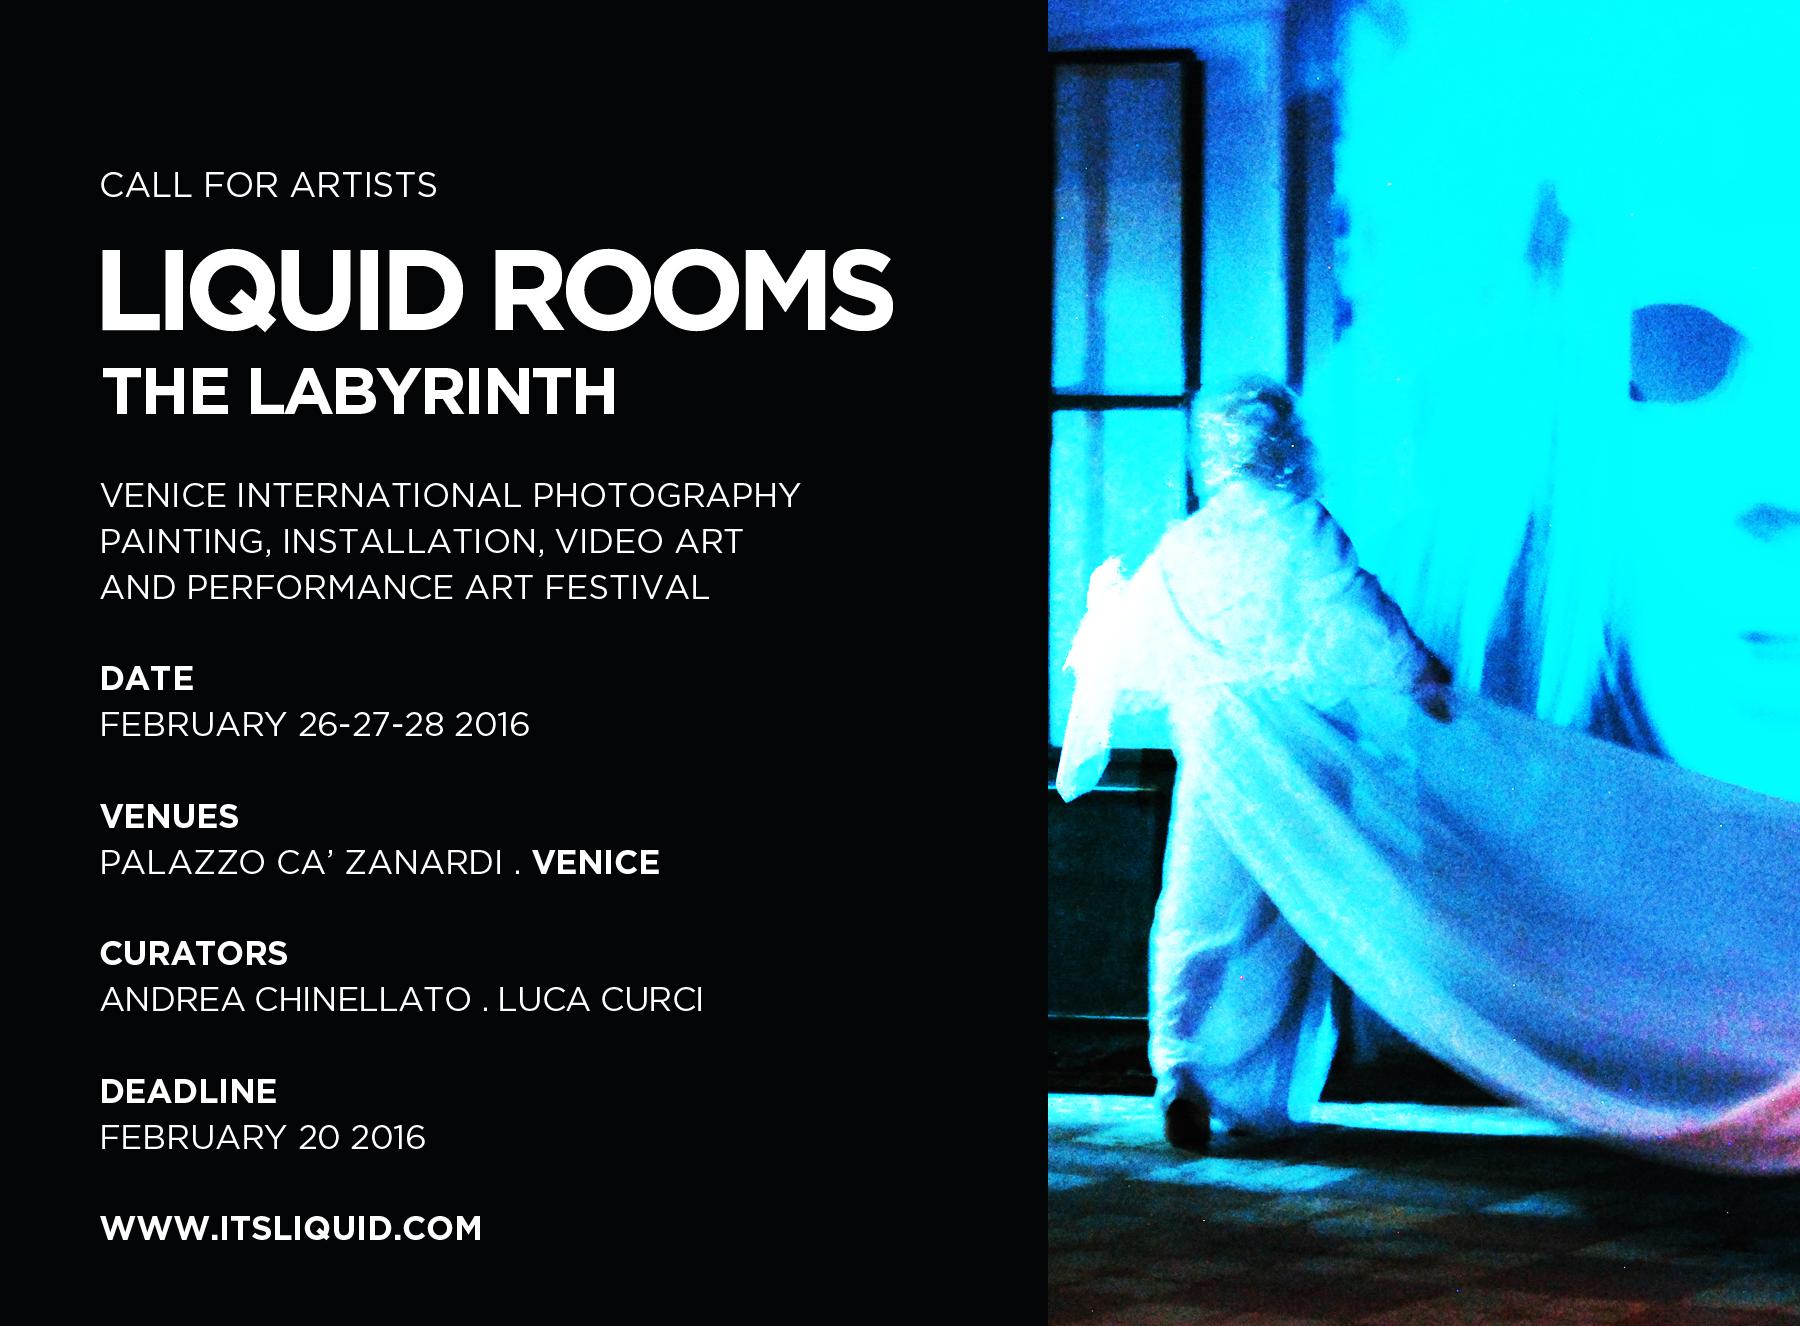 liquidrooms_new_005_web